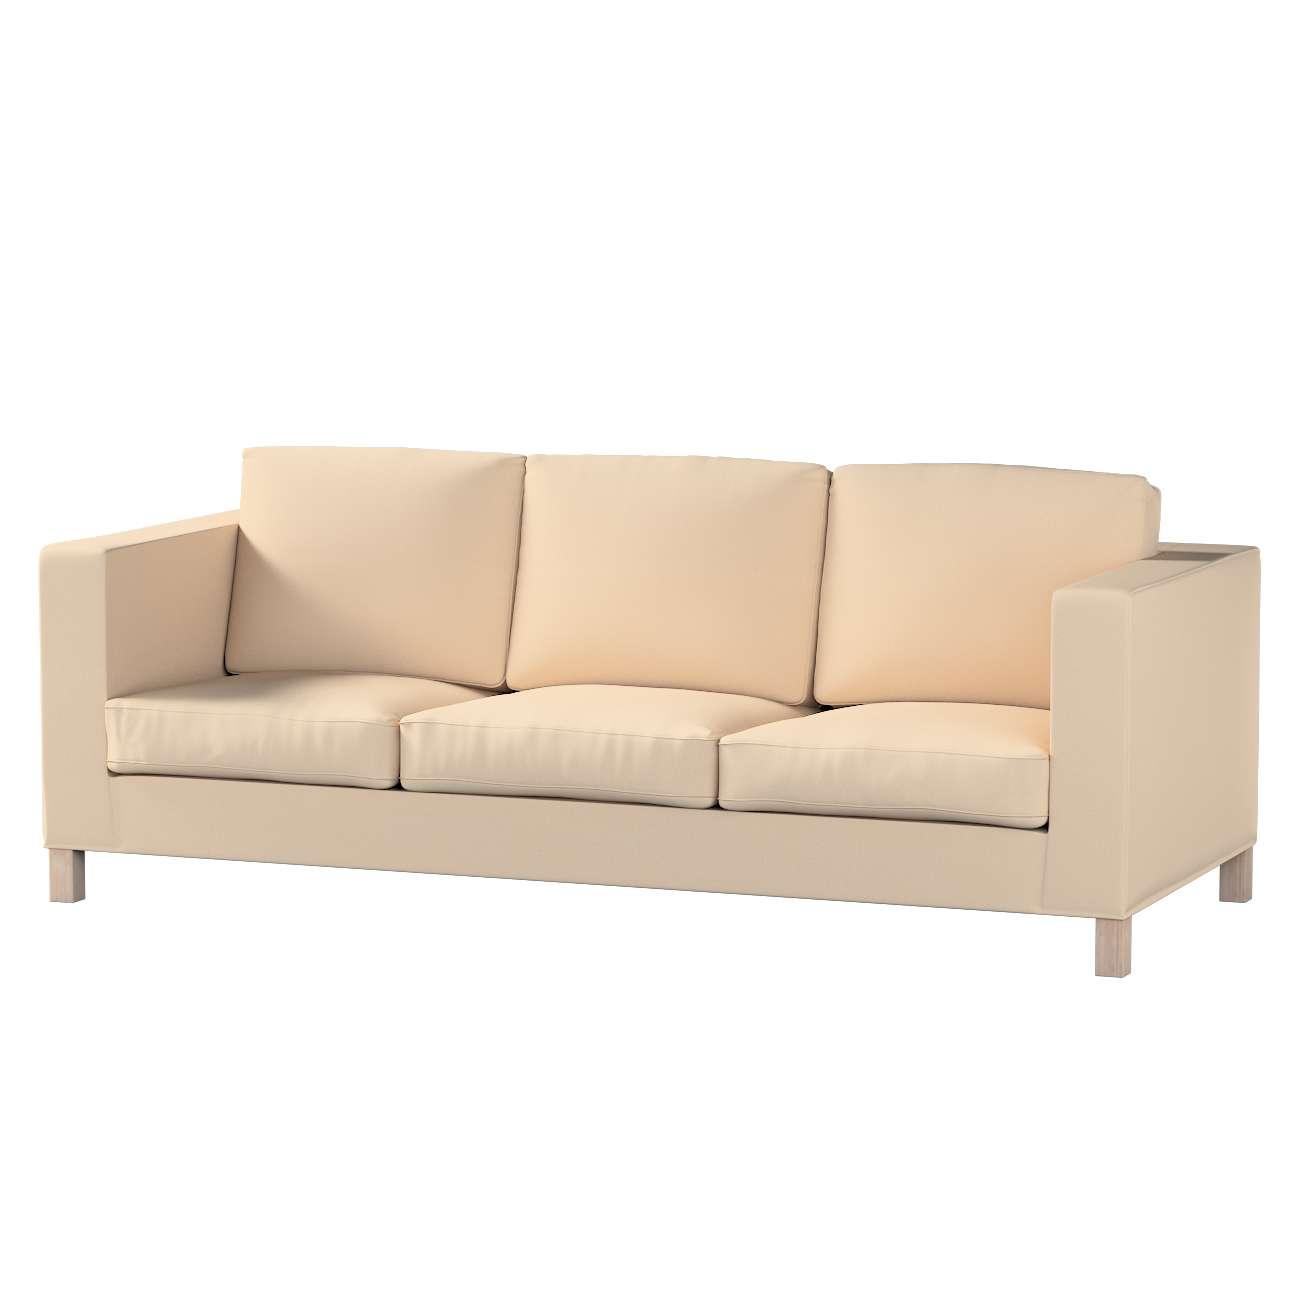 Potah na pohovku IKEA  Karlanda 3-místná nerozkládací, krátký v kolekci Living, látka: 160-61